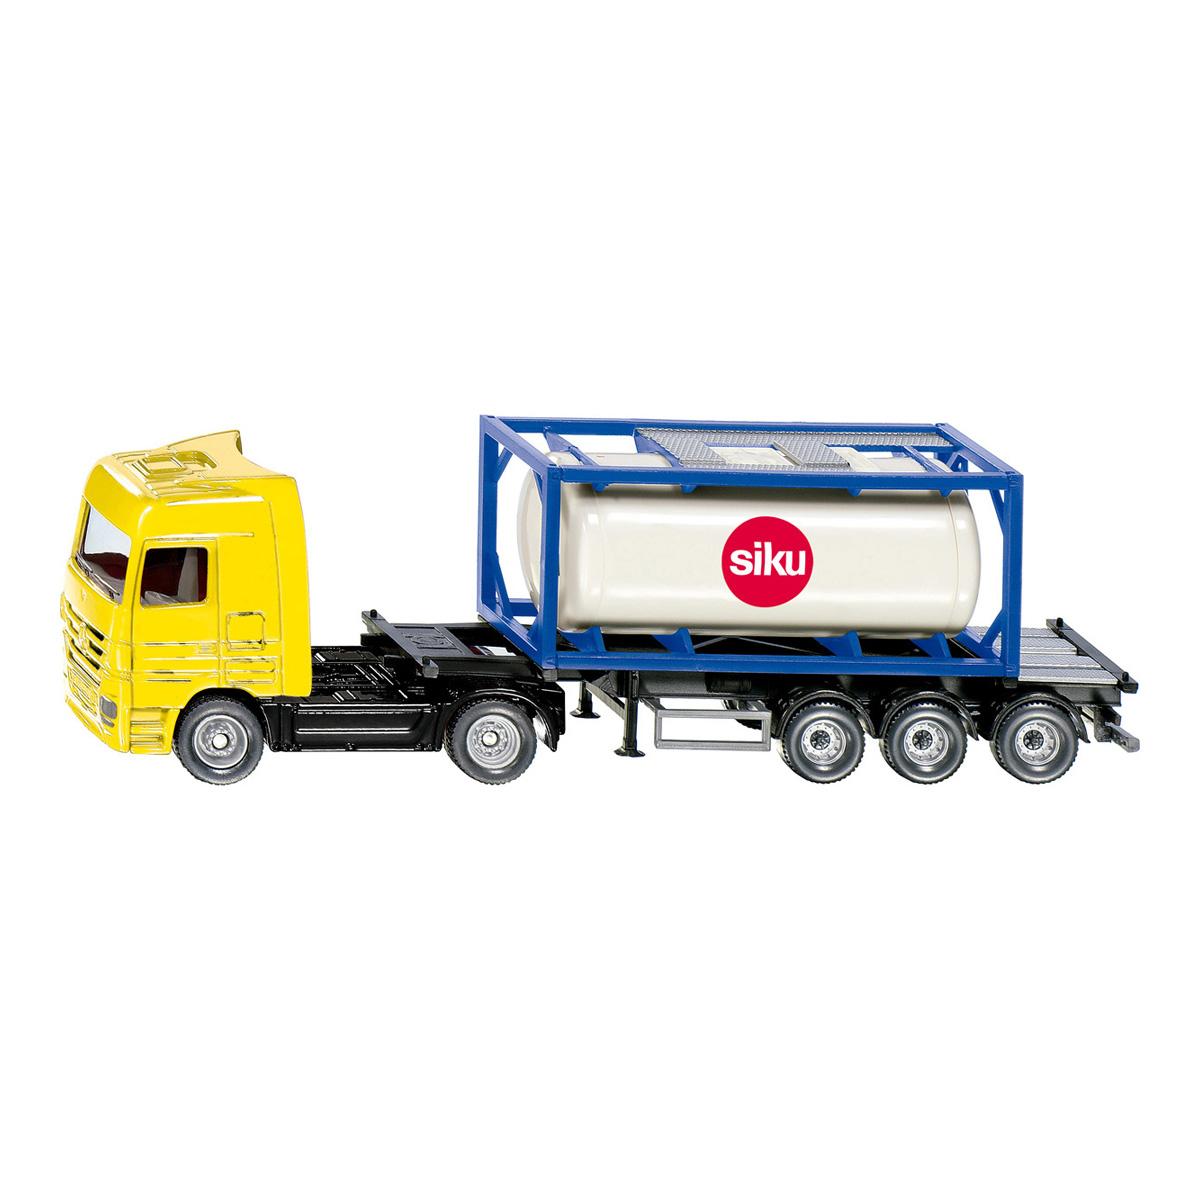 タンクコンテナ付きトラック (ジク・SIKU)1:87